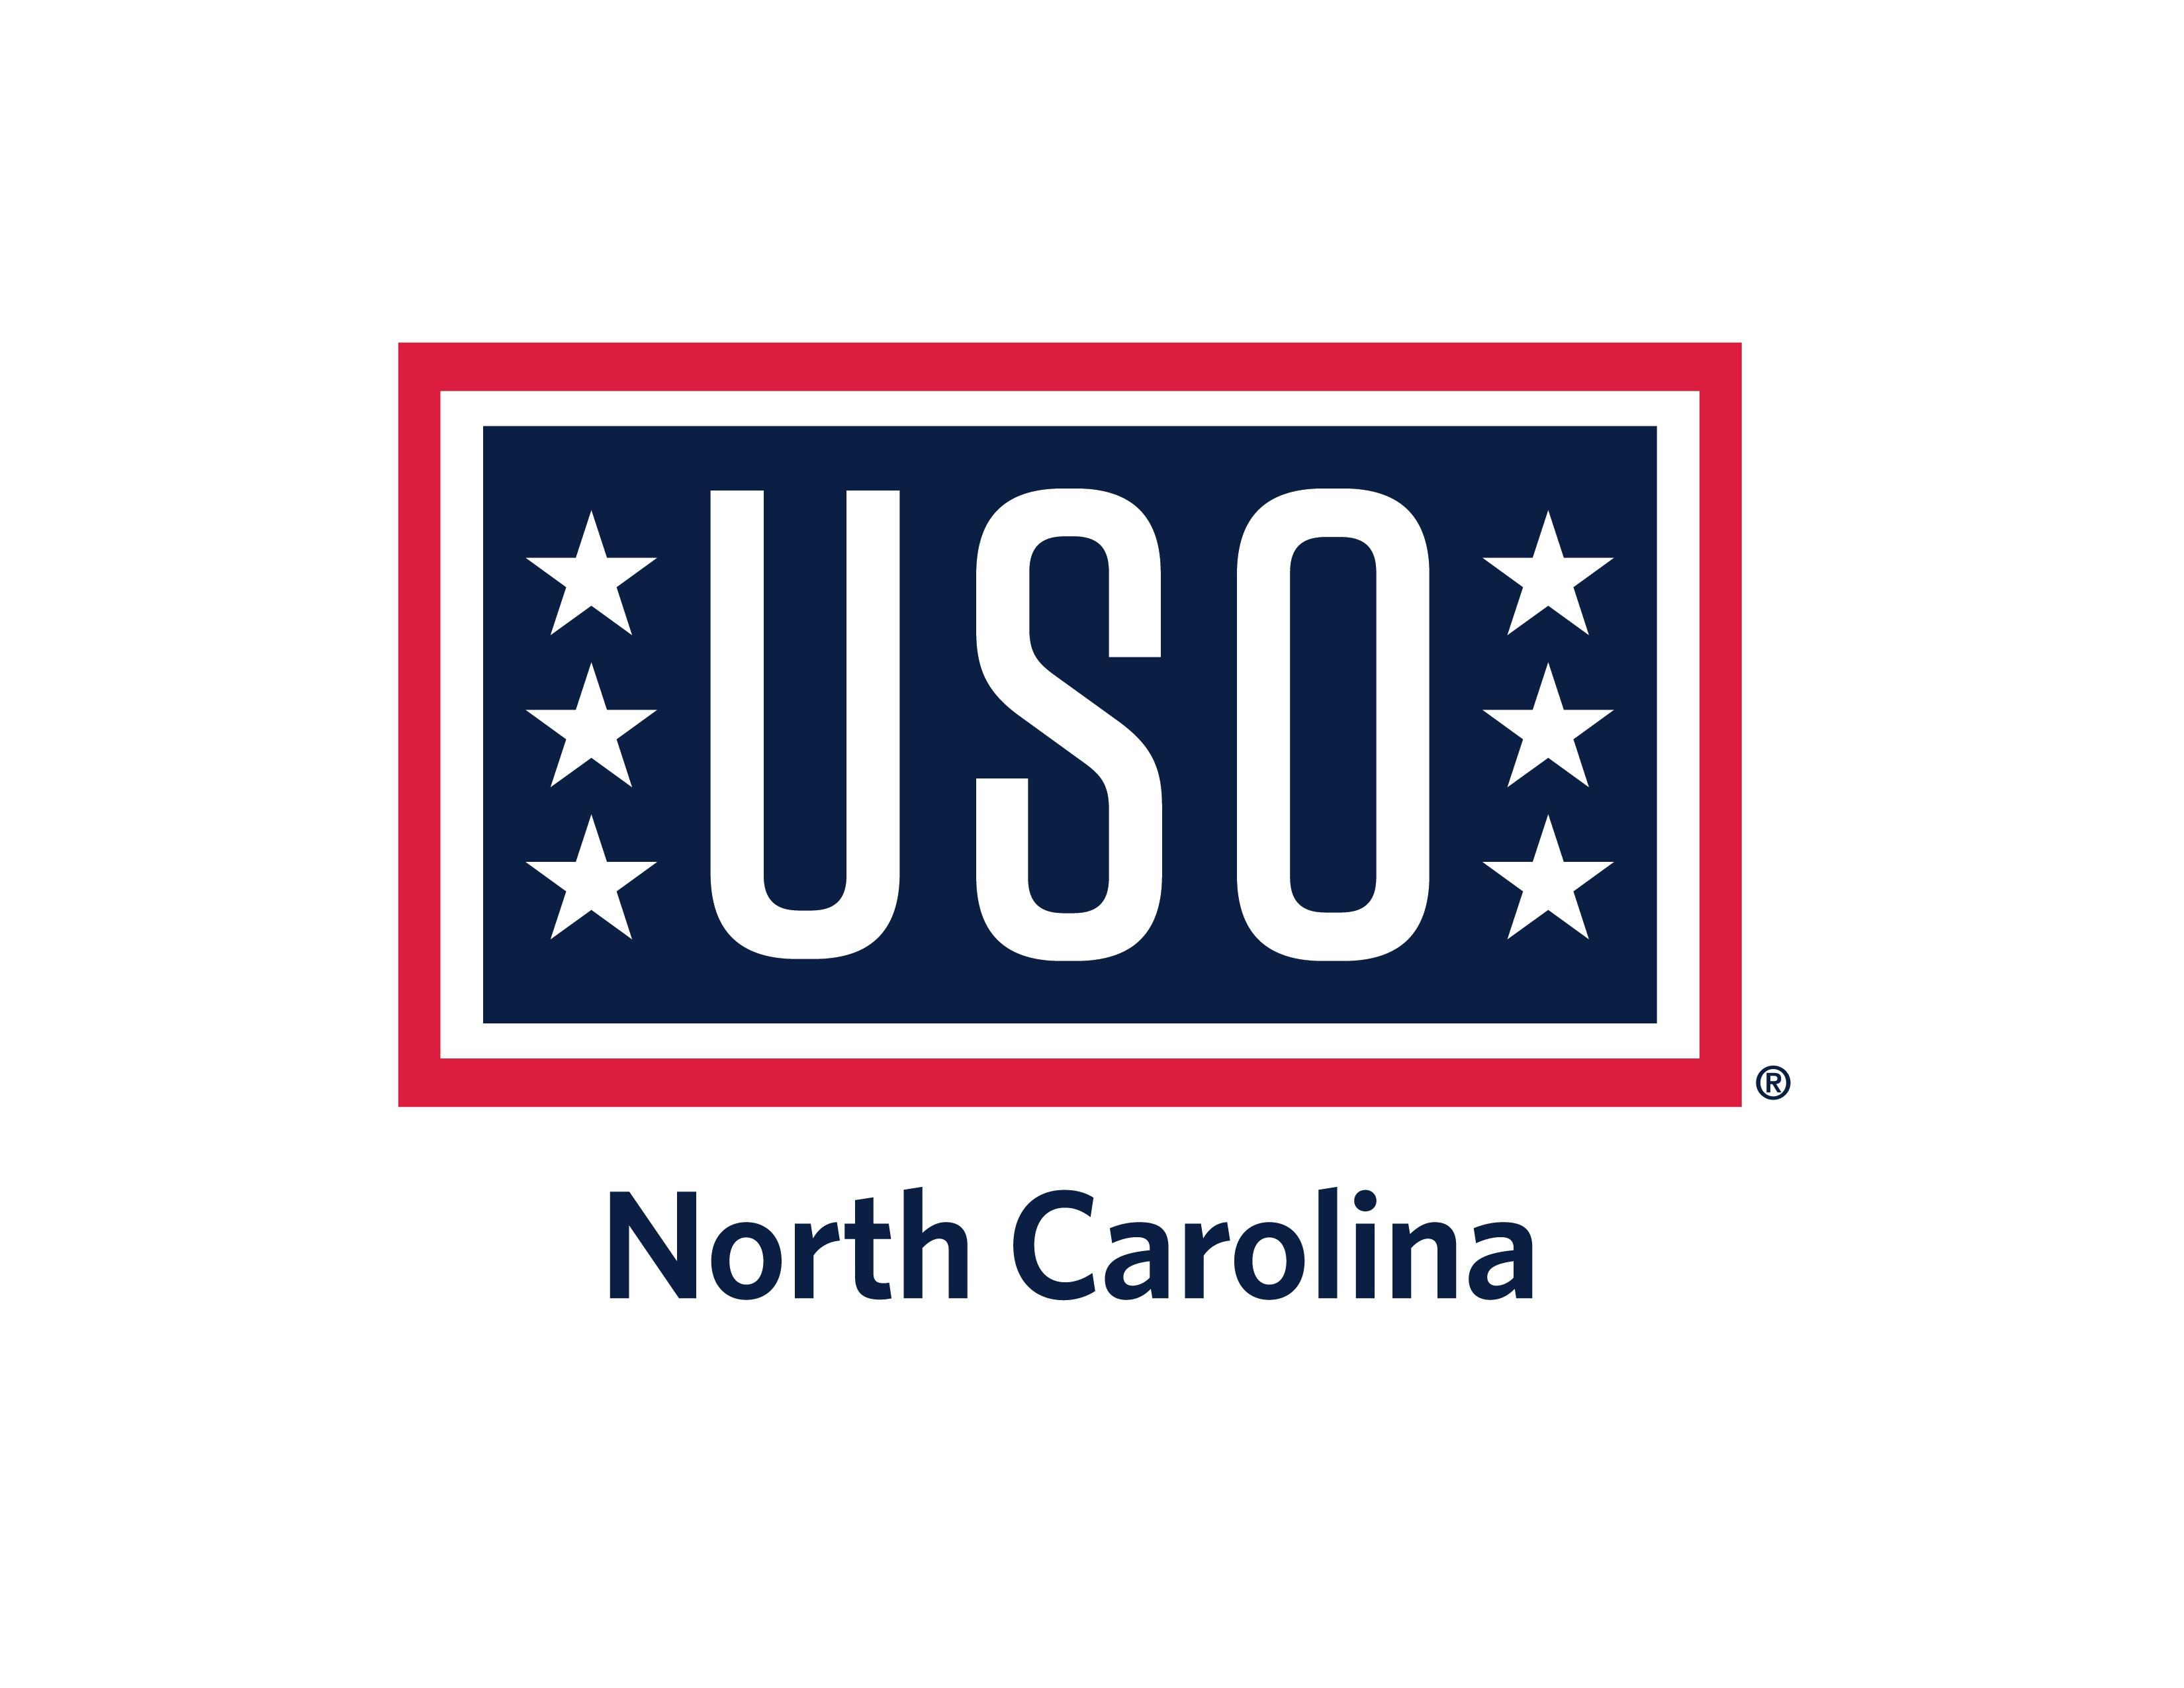 USO North Carolina